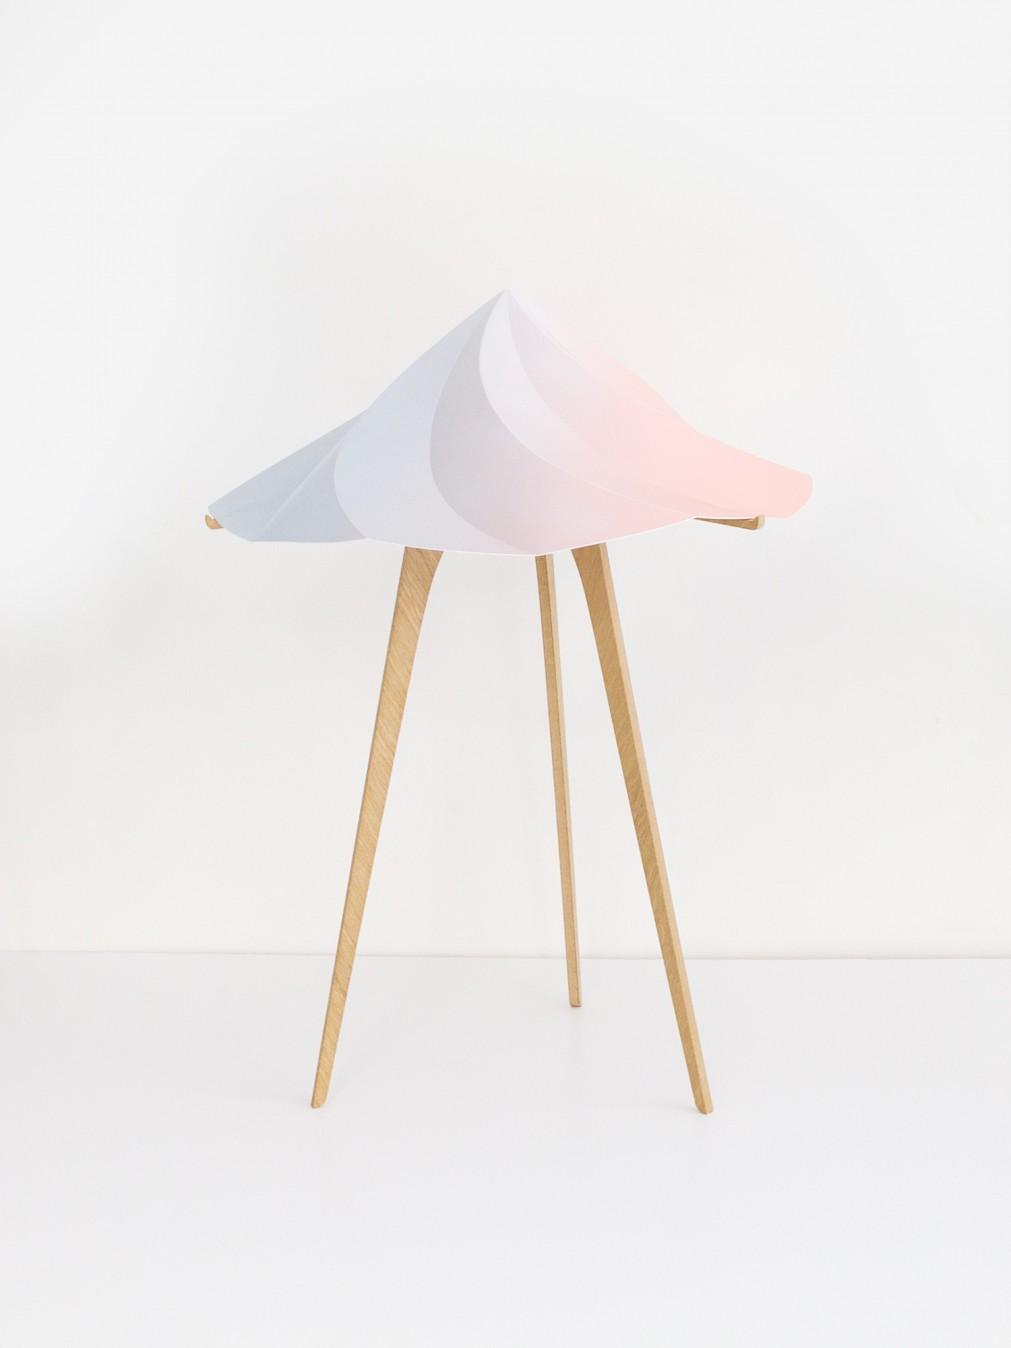 Lampes de table constance guisset lampe chantilly for Lampe au dessus d une table